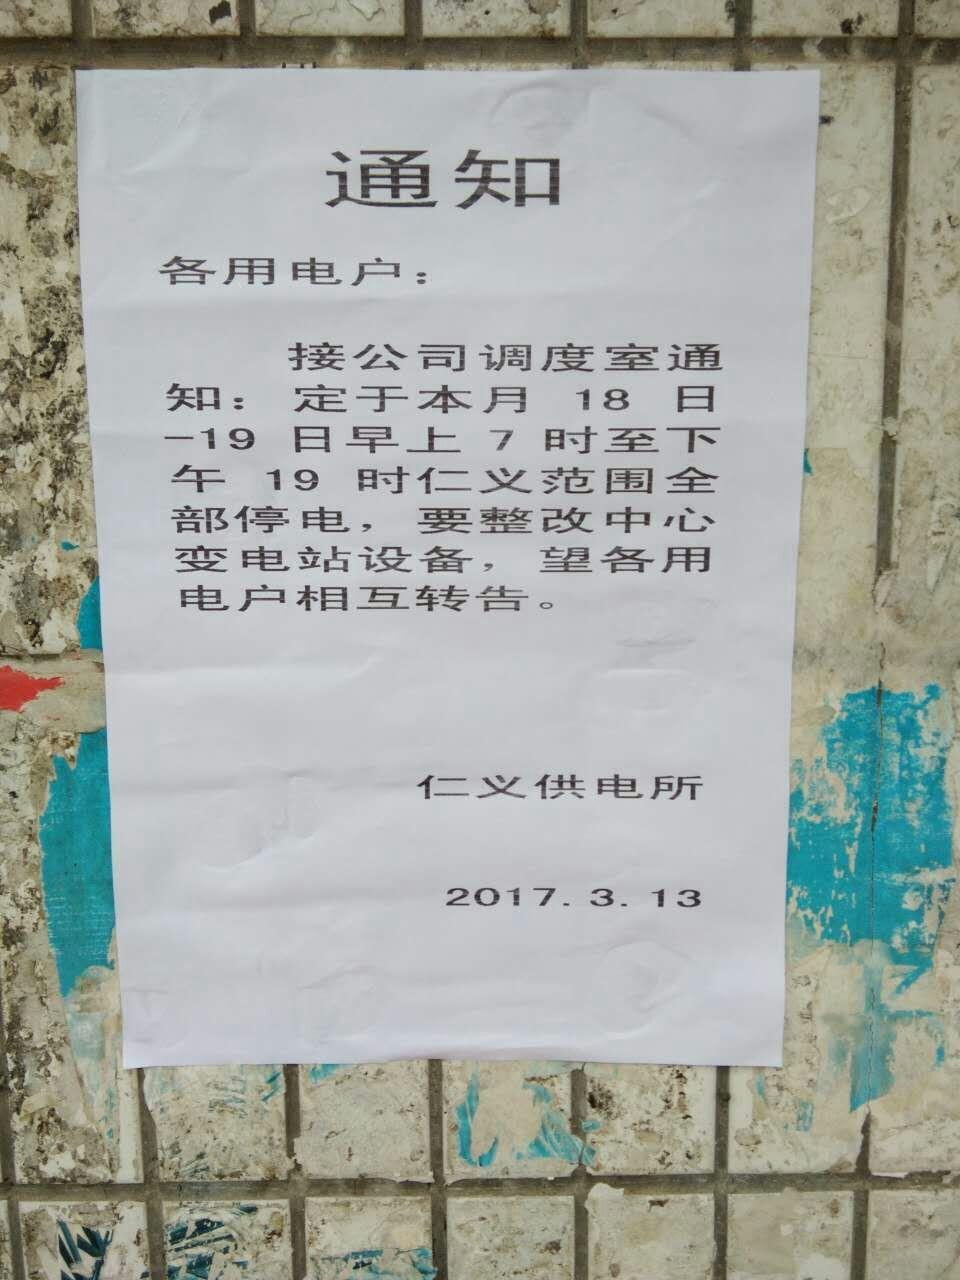 广西贺州仁义镇供电所停电通知